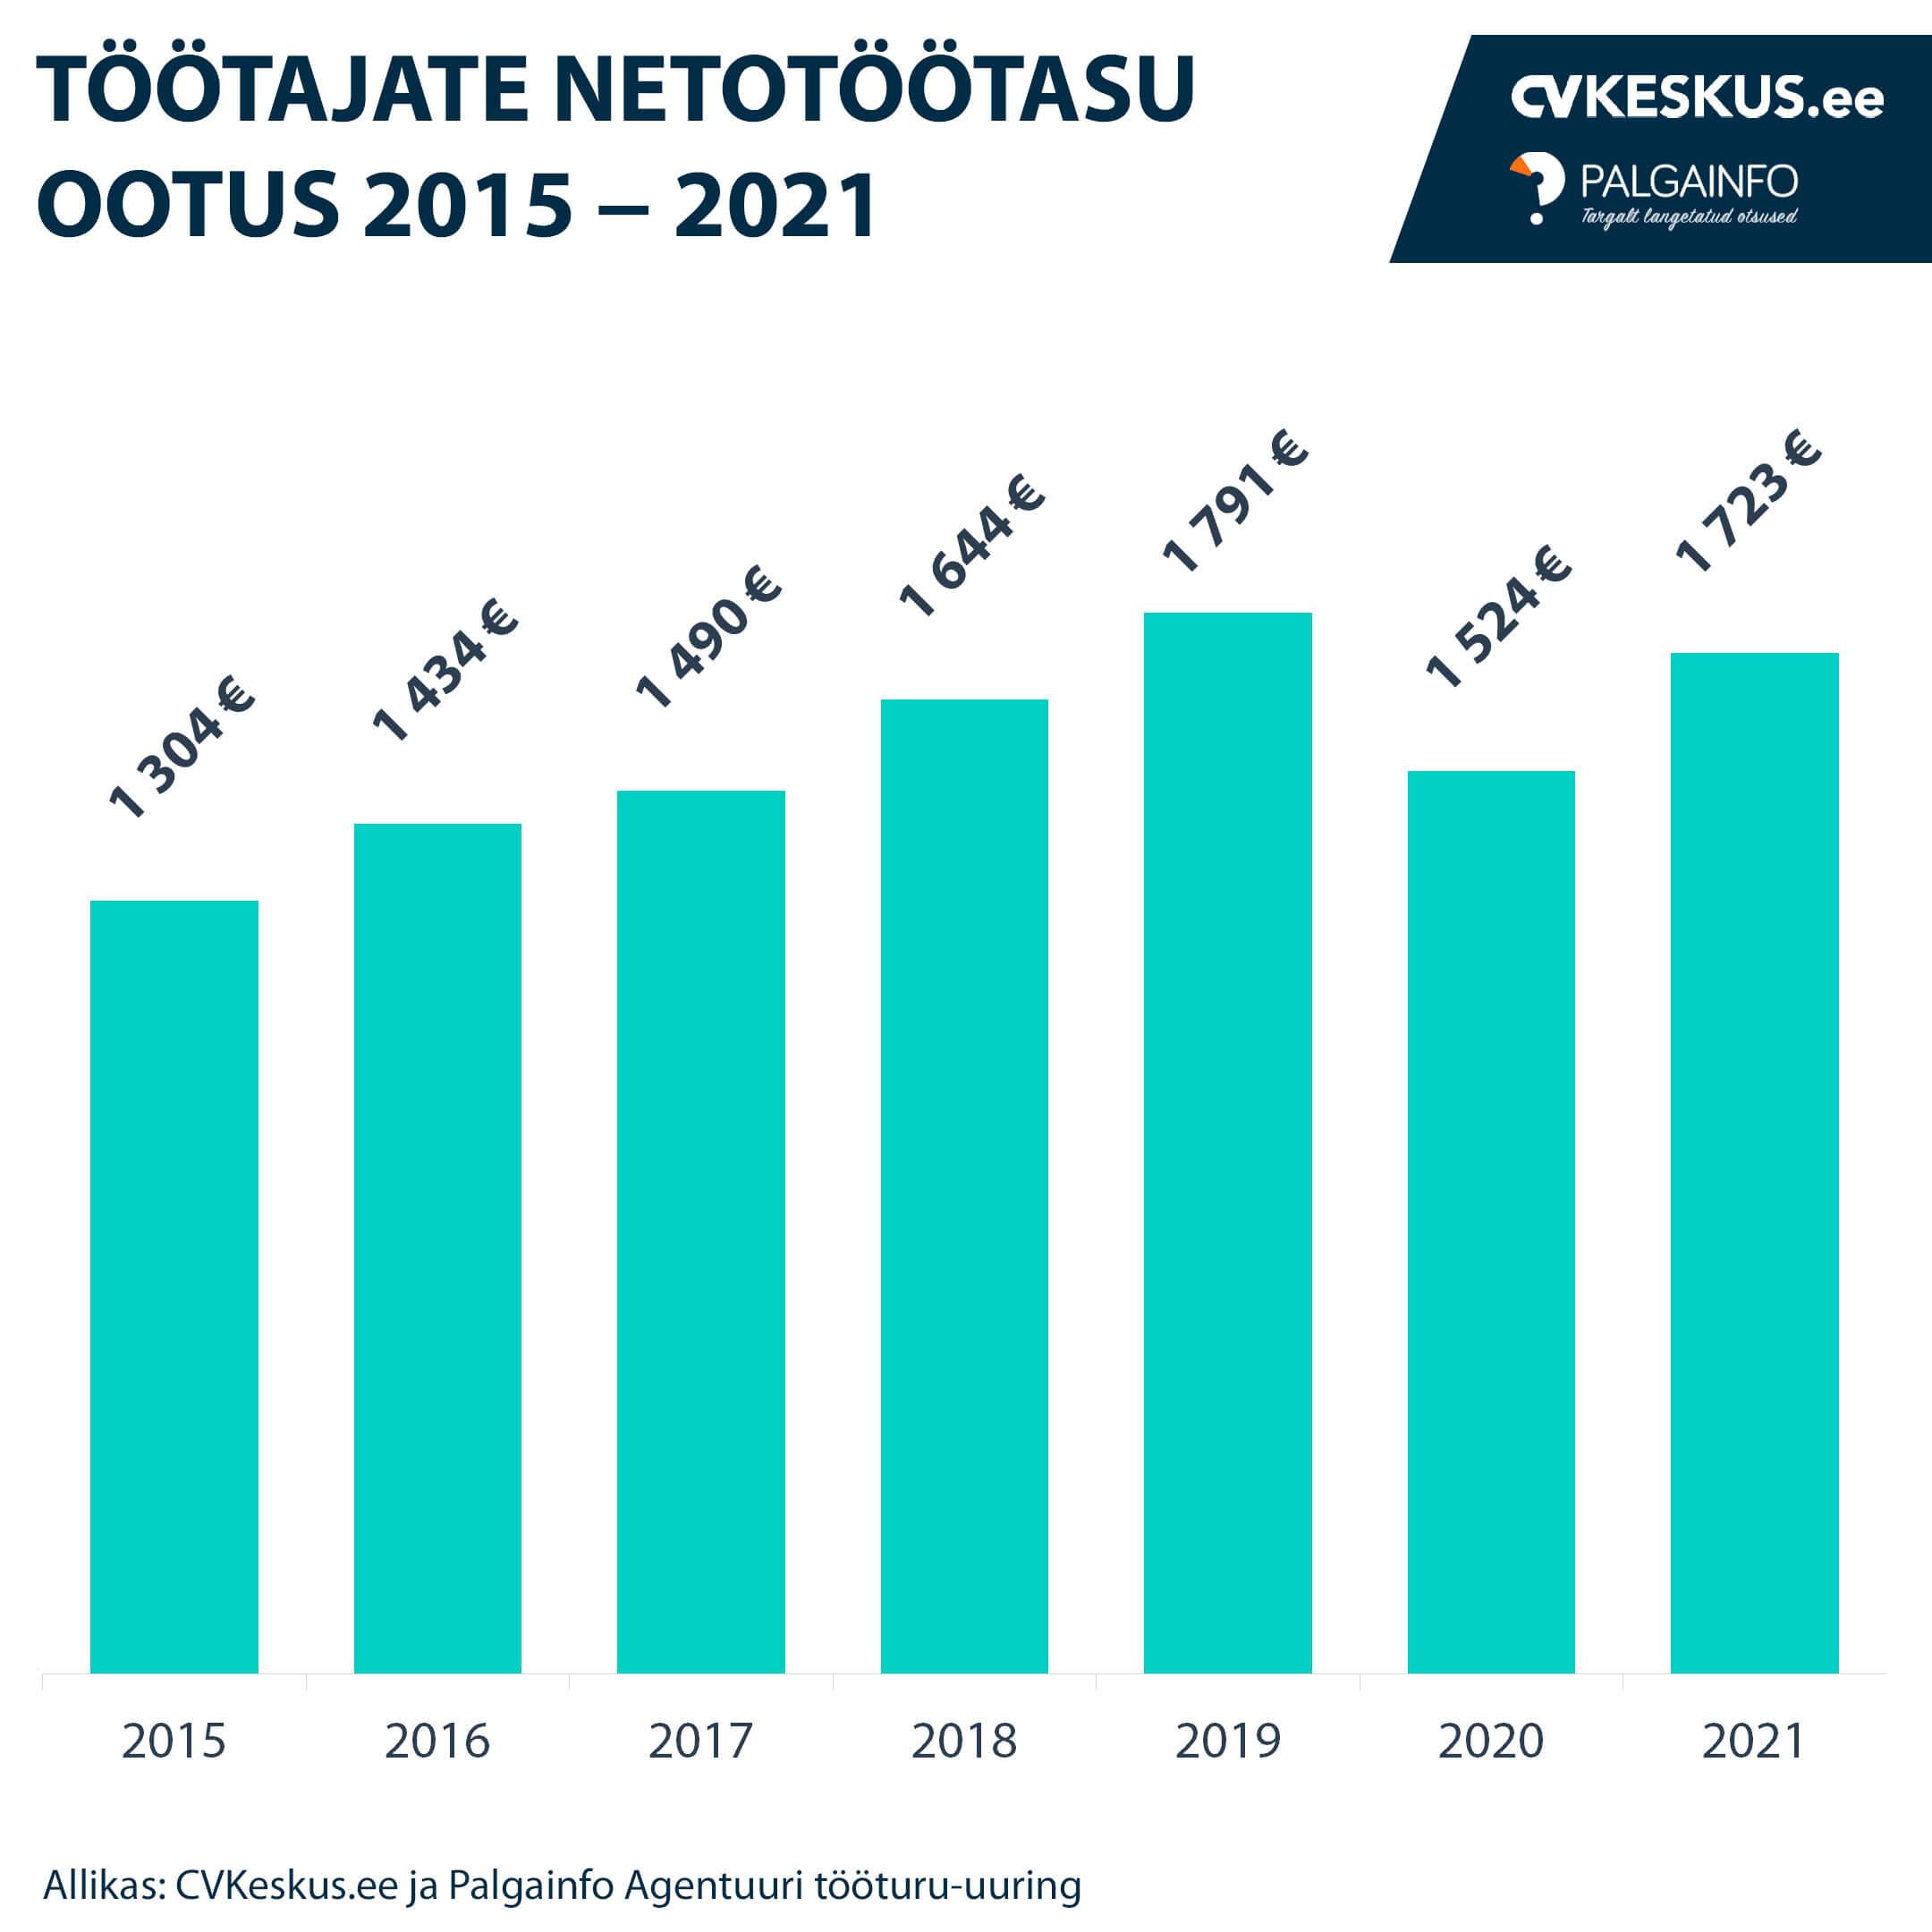 Töötajate netotöötasu ootus 2015 - 2021